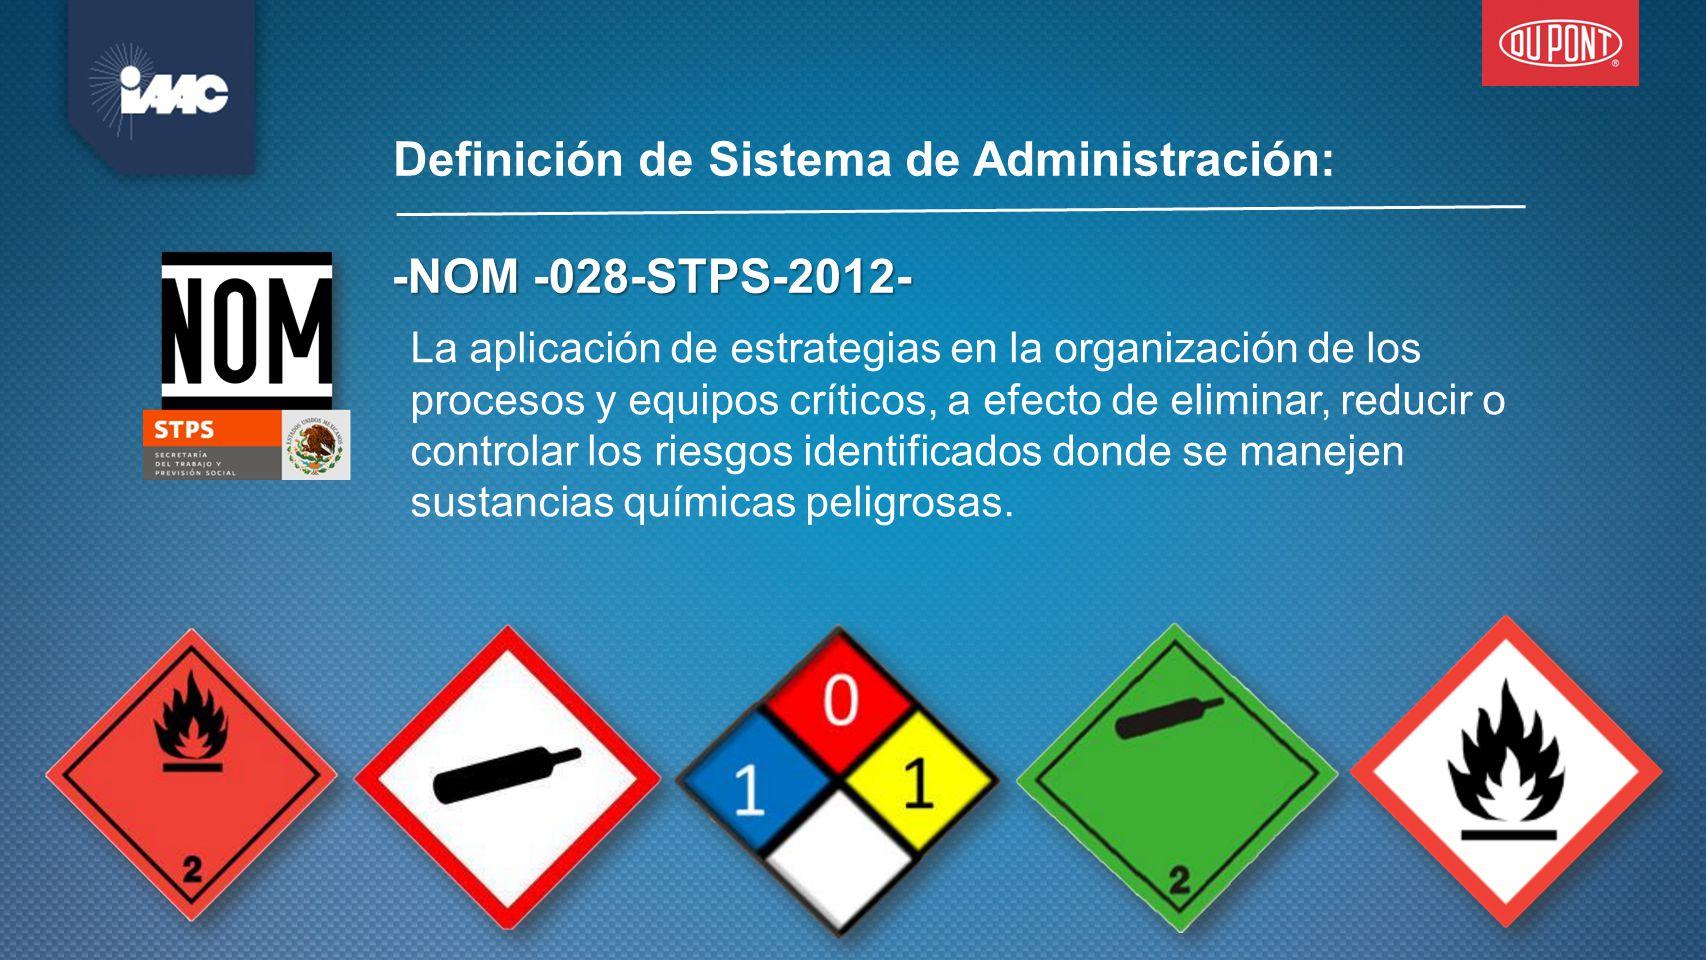 Definición de Sistema de Administración: